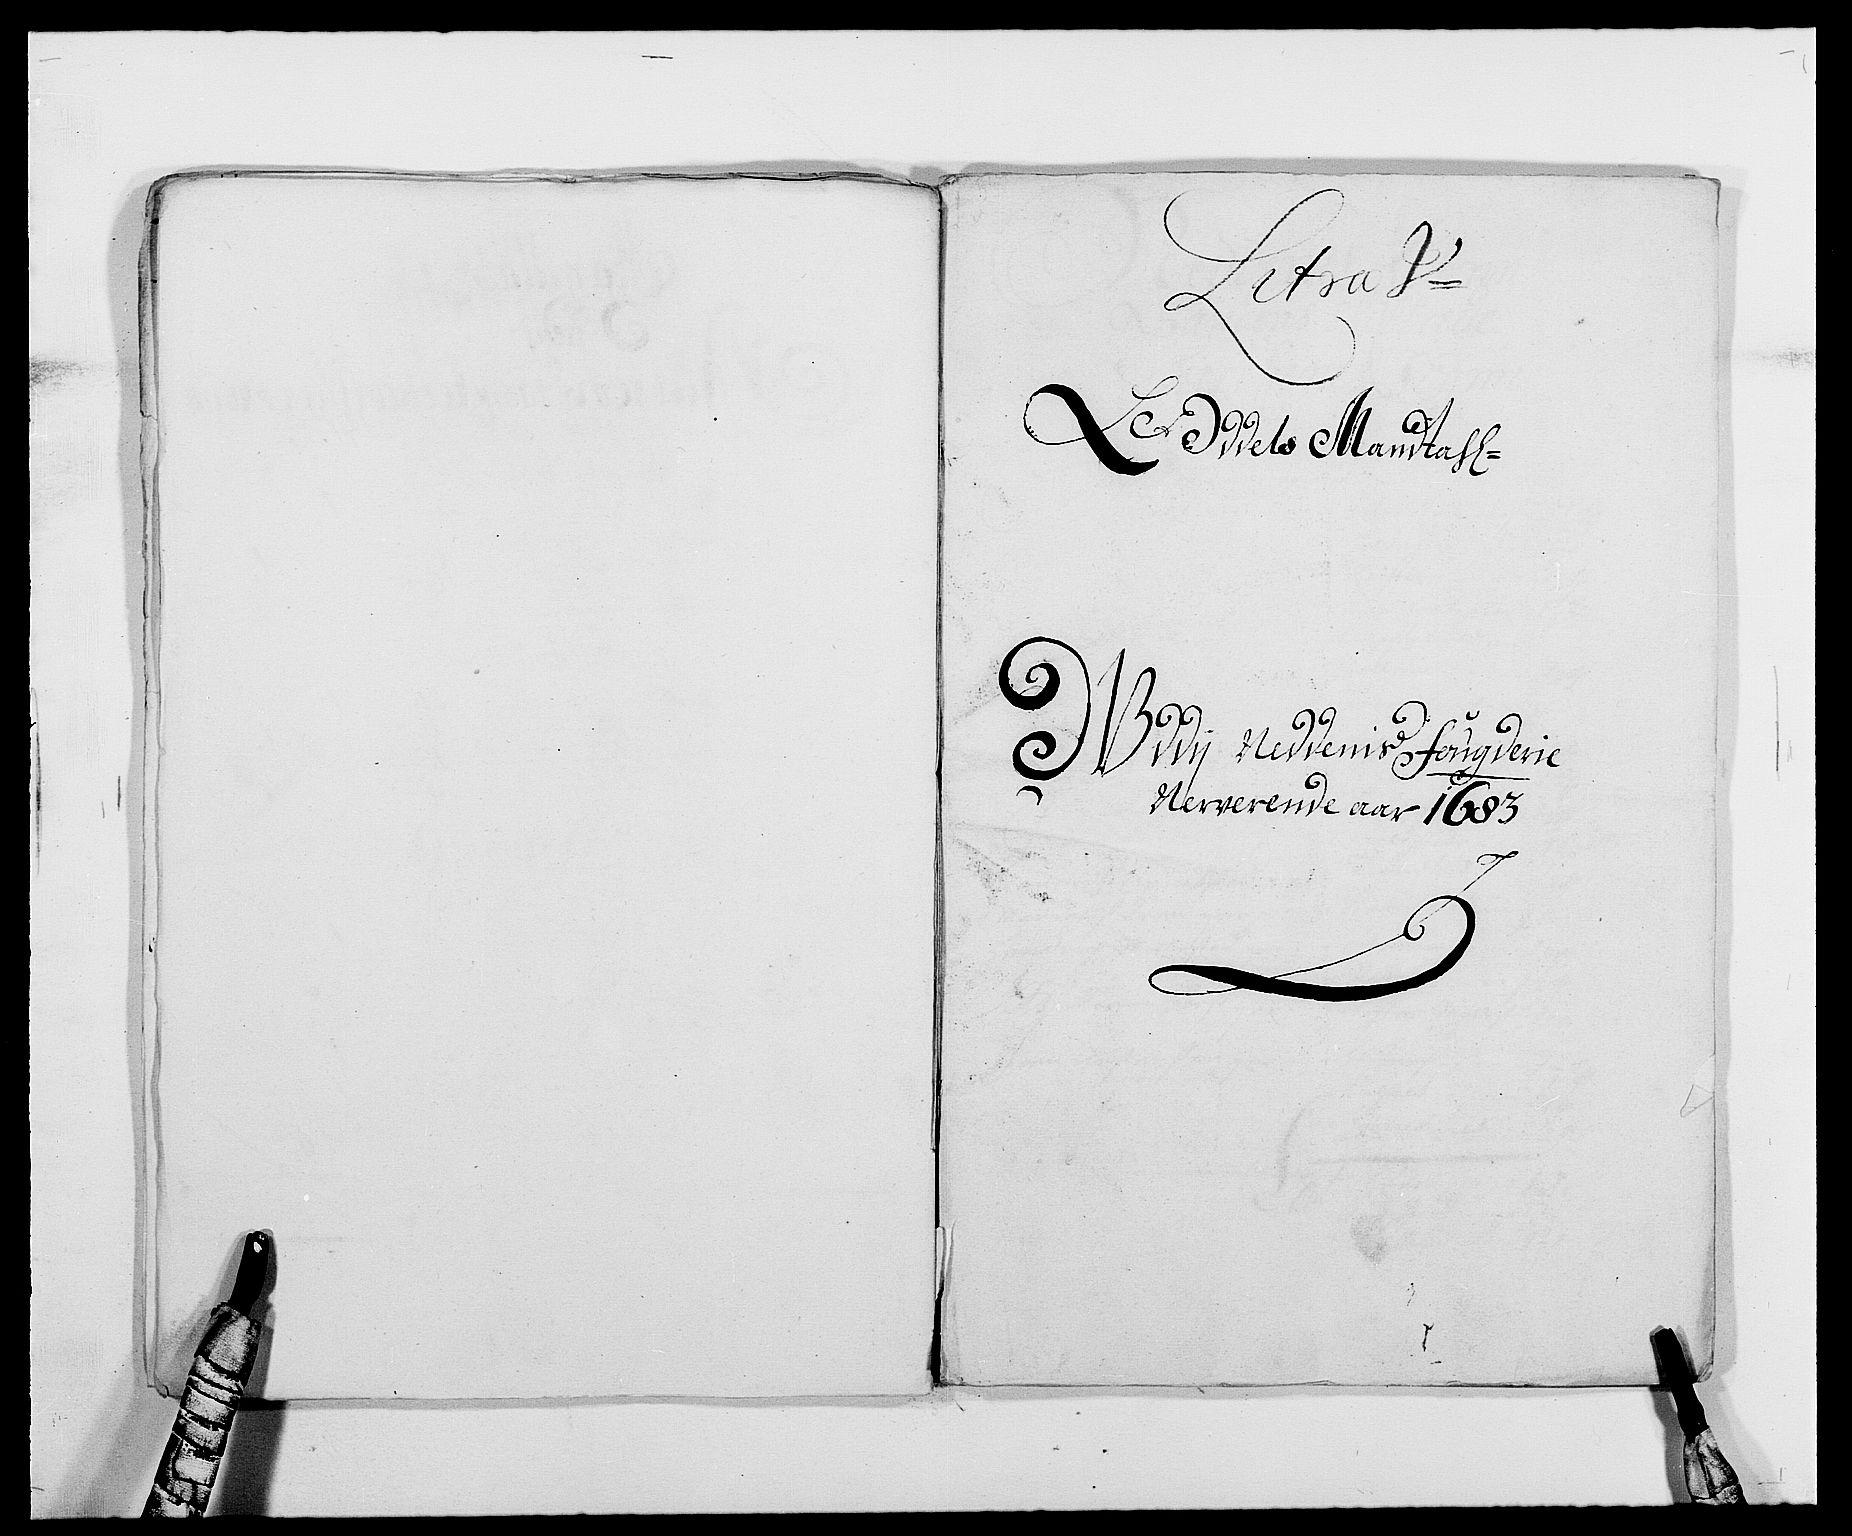 RA, Rentekammeret inntil 1814, Reviderte regnskaper, Fogderegnskap, R39/L2305: Fogderegnskap Nedenes, 1683, s. 86